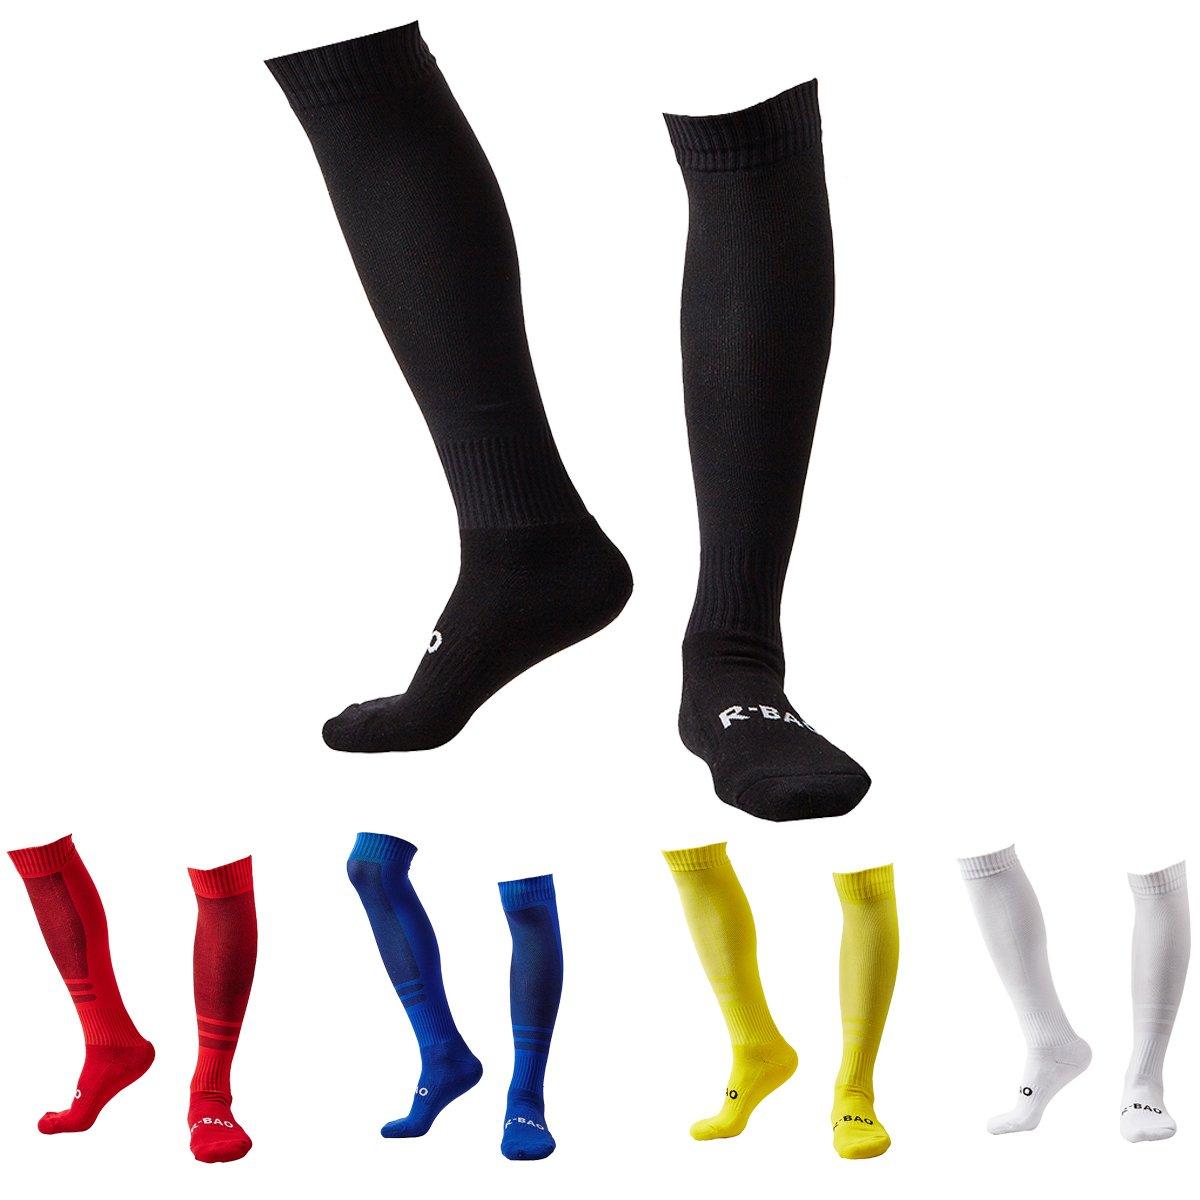 b25289657770 Amazon.com  Soccer Socks for Men Women 5 Bulk Adult Knee High Compression  Team Socks(Black + Red + Royalblue + Yellow + White)  Clothing